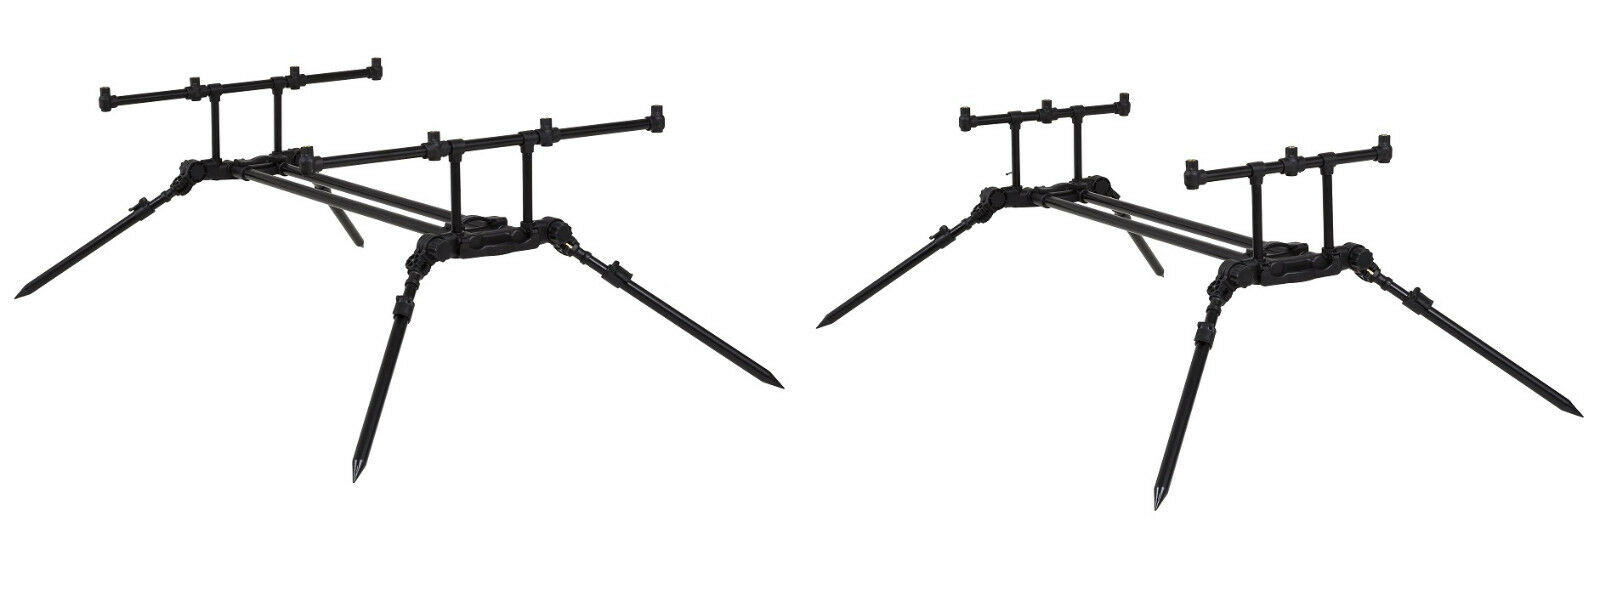 JRC EXTREME TX POD RODPOD rod pod supporto canne da pesca canne EDIZIONE supporto canne